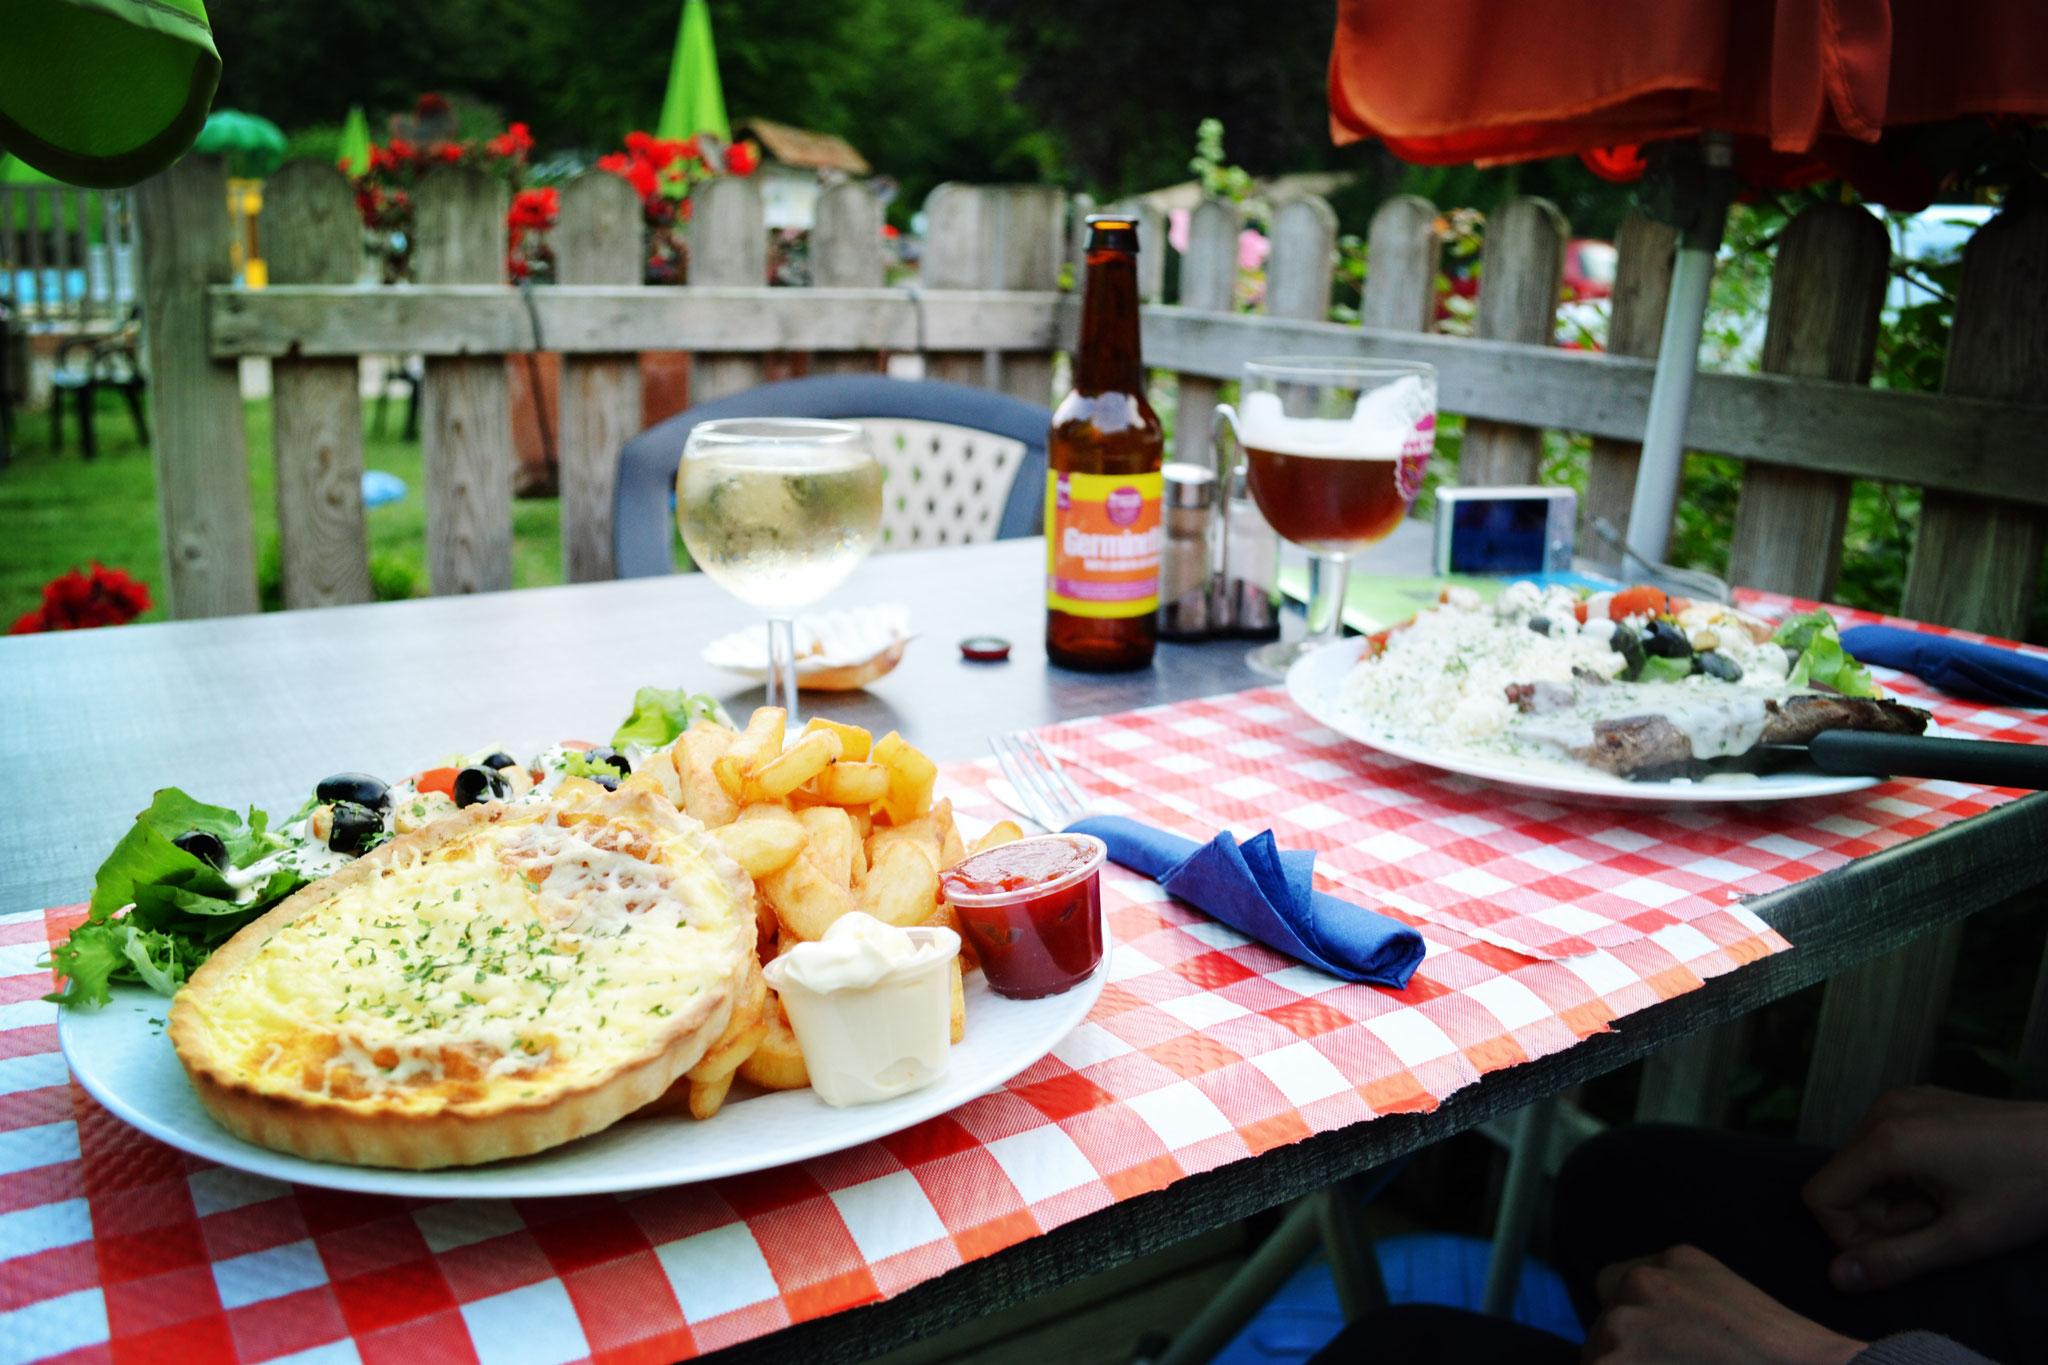 Louer un séjour insolite dans le camping avec brasserie en Baie de Somme